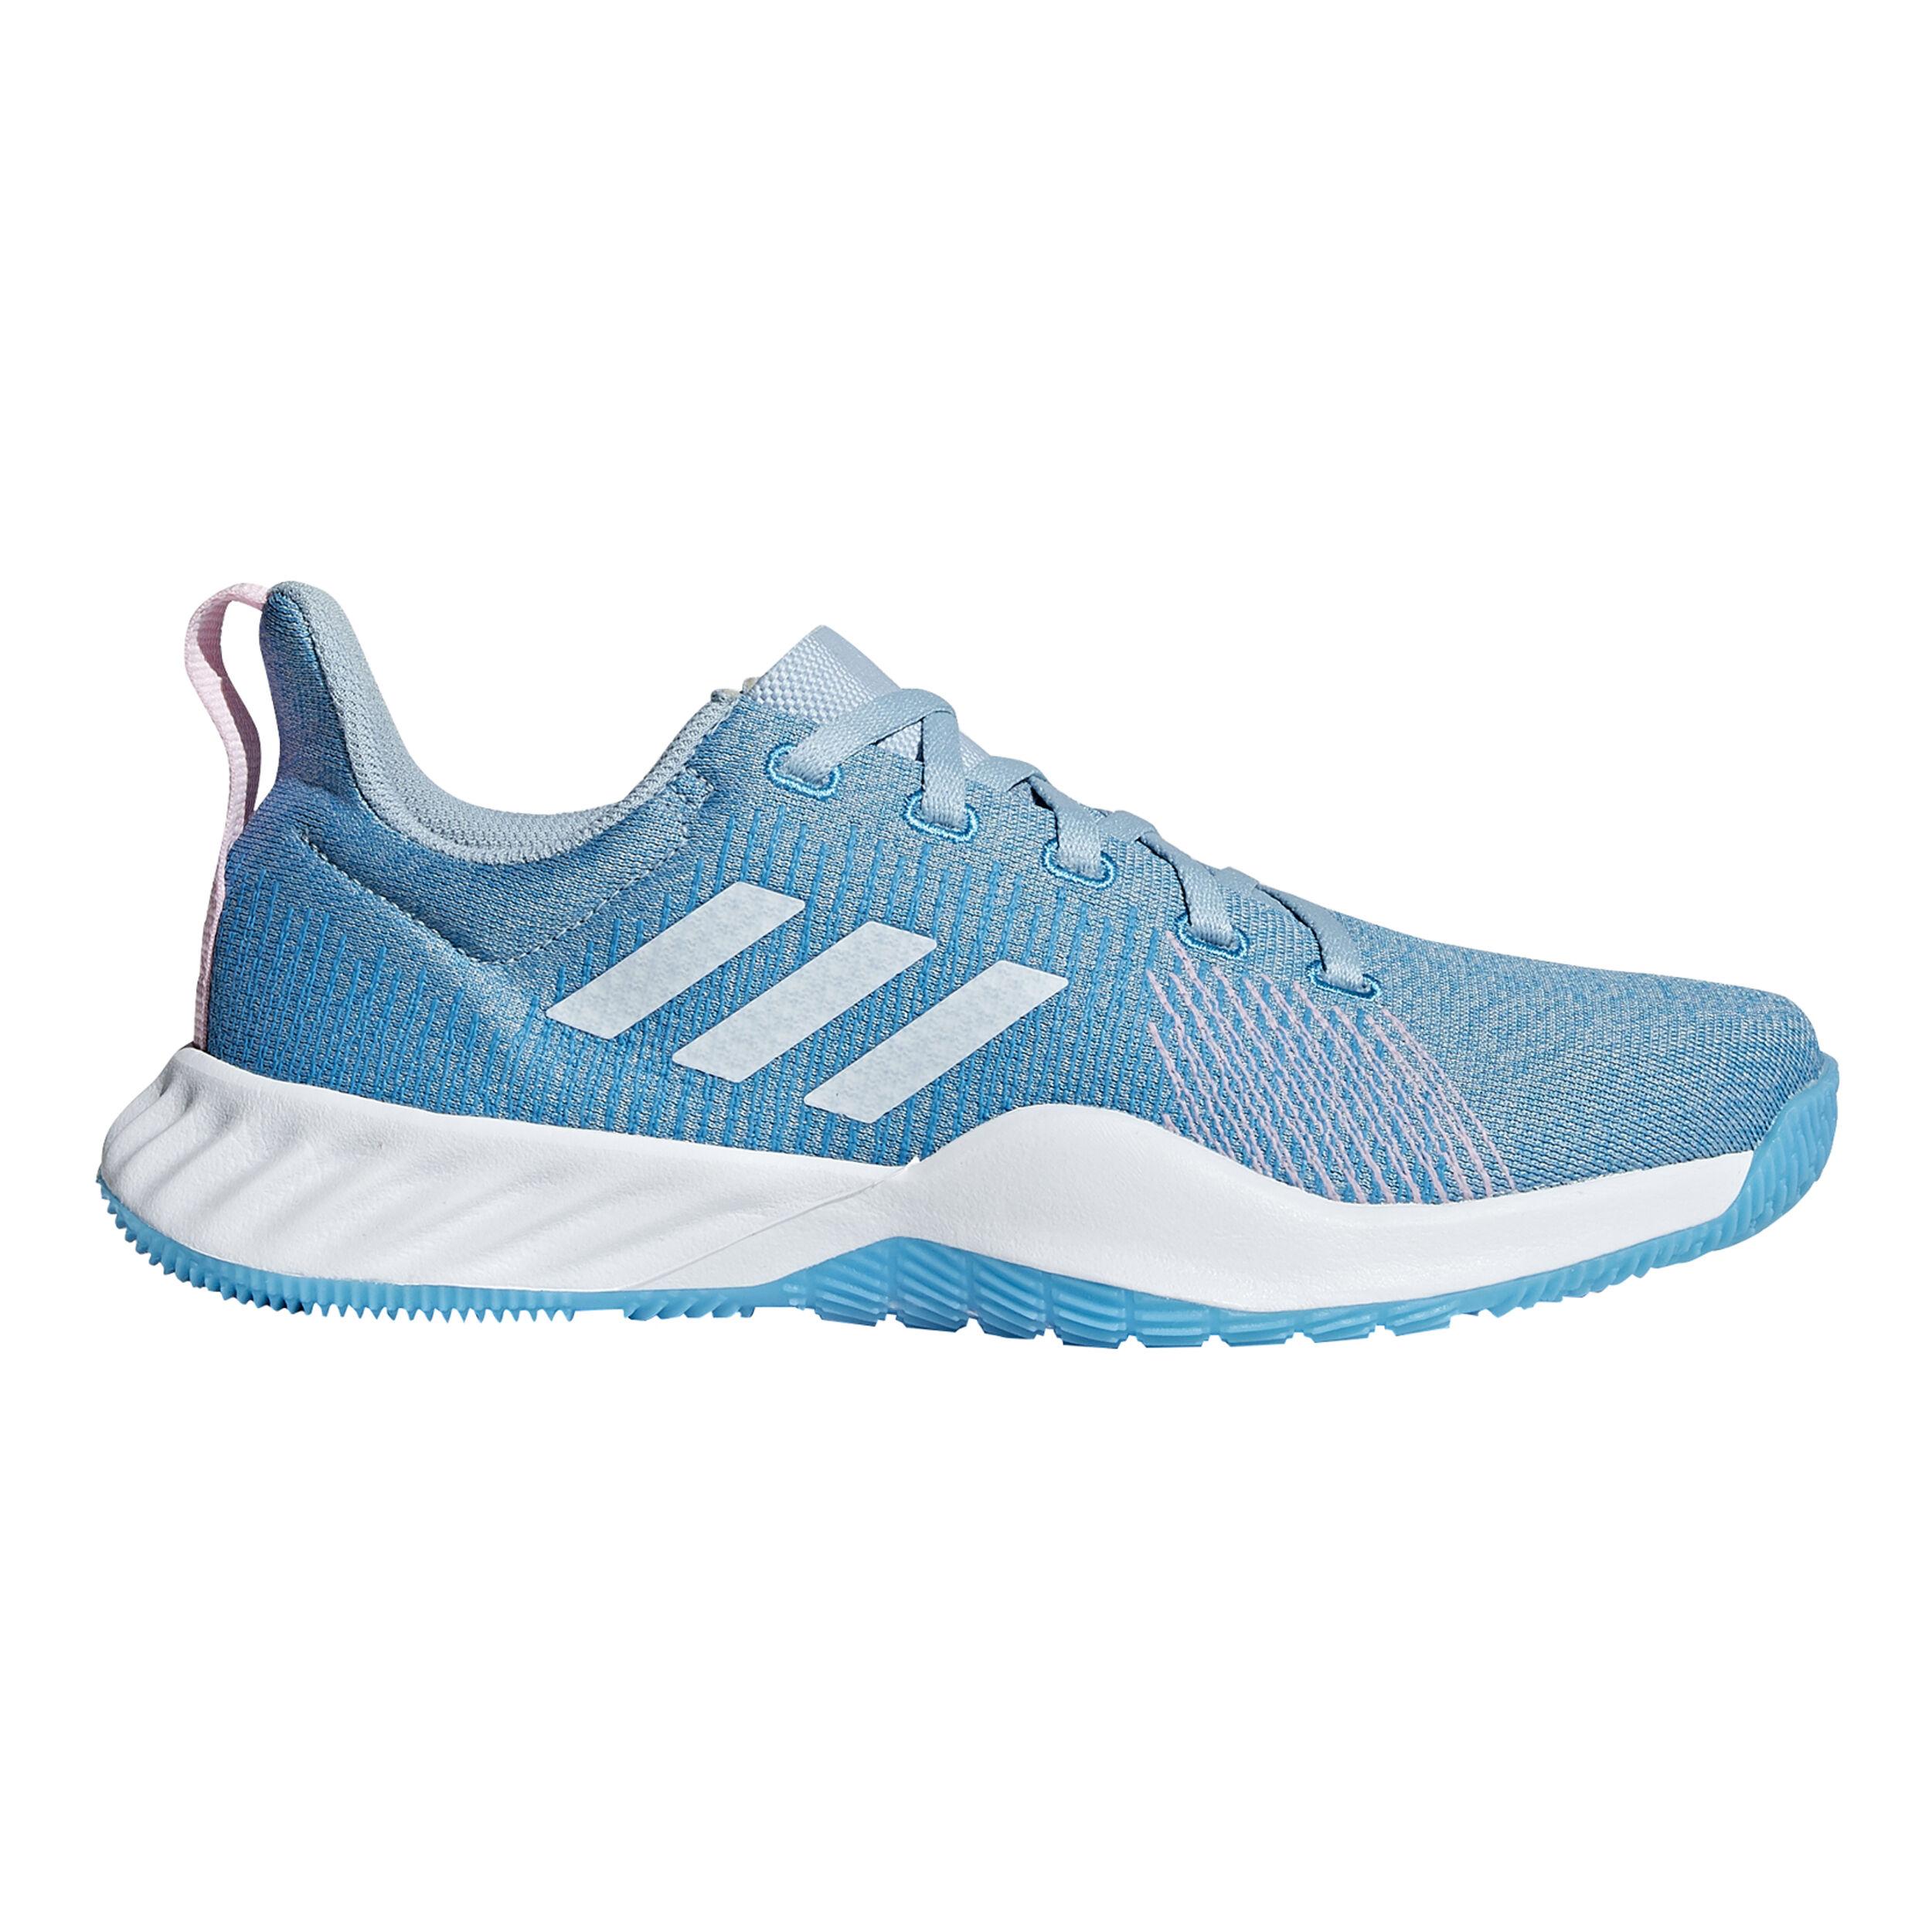 Adidas Solar LT Trainer Fitnessschuh Damen Blau, Weiß online ... Rückmeldung zur Bestätigung